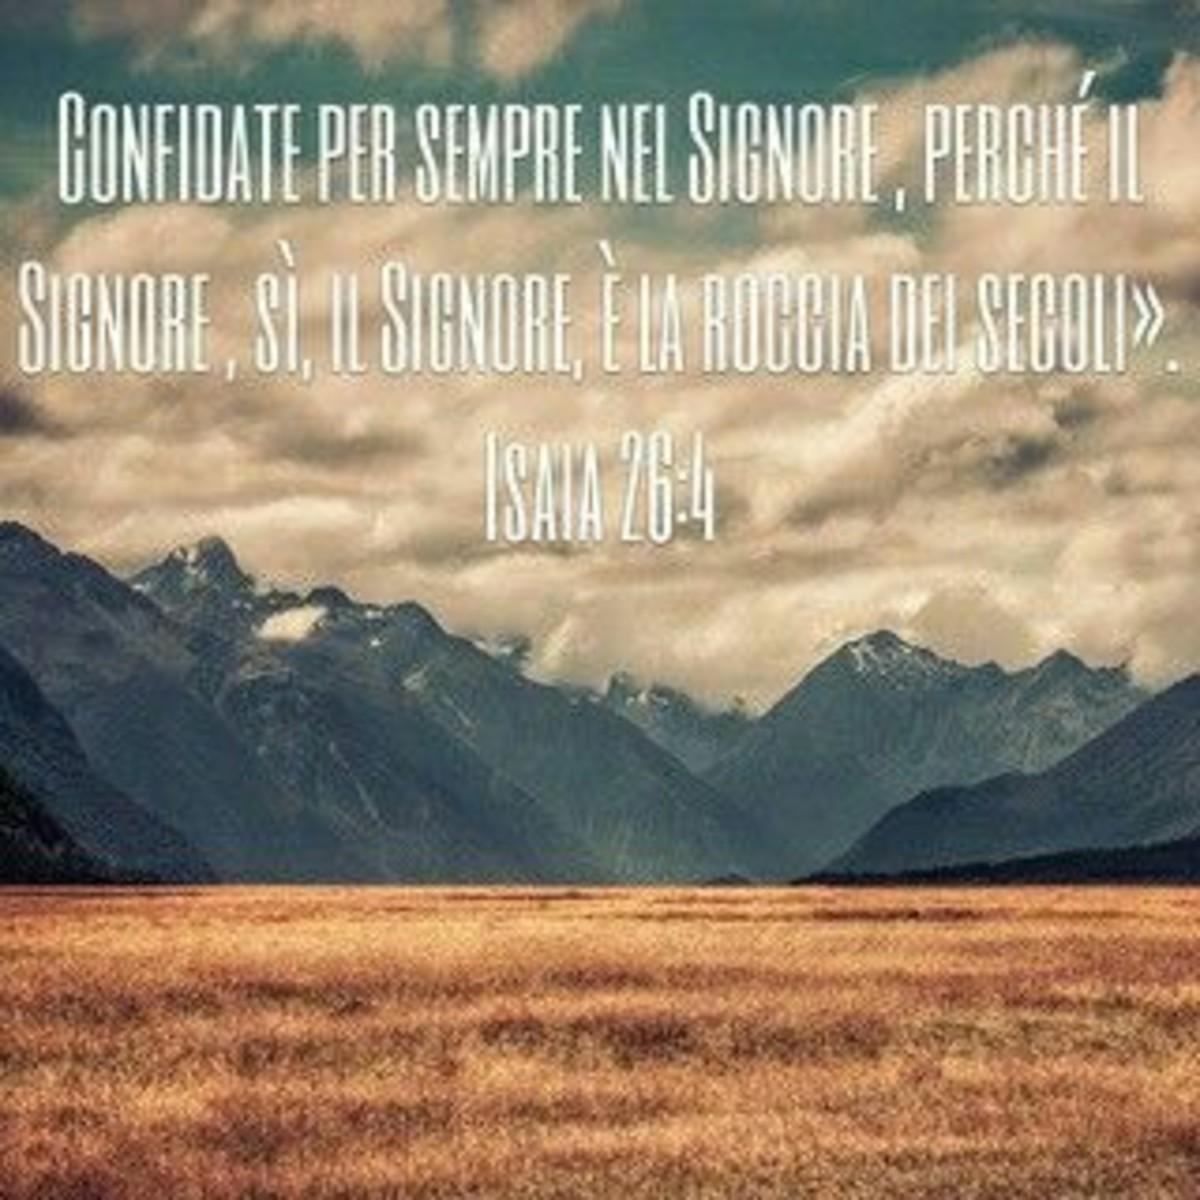 Salmi Preghiere 6428